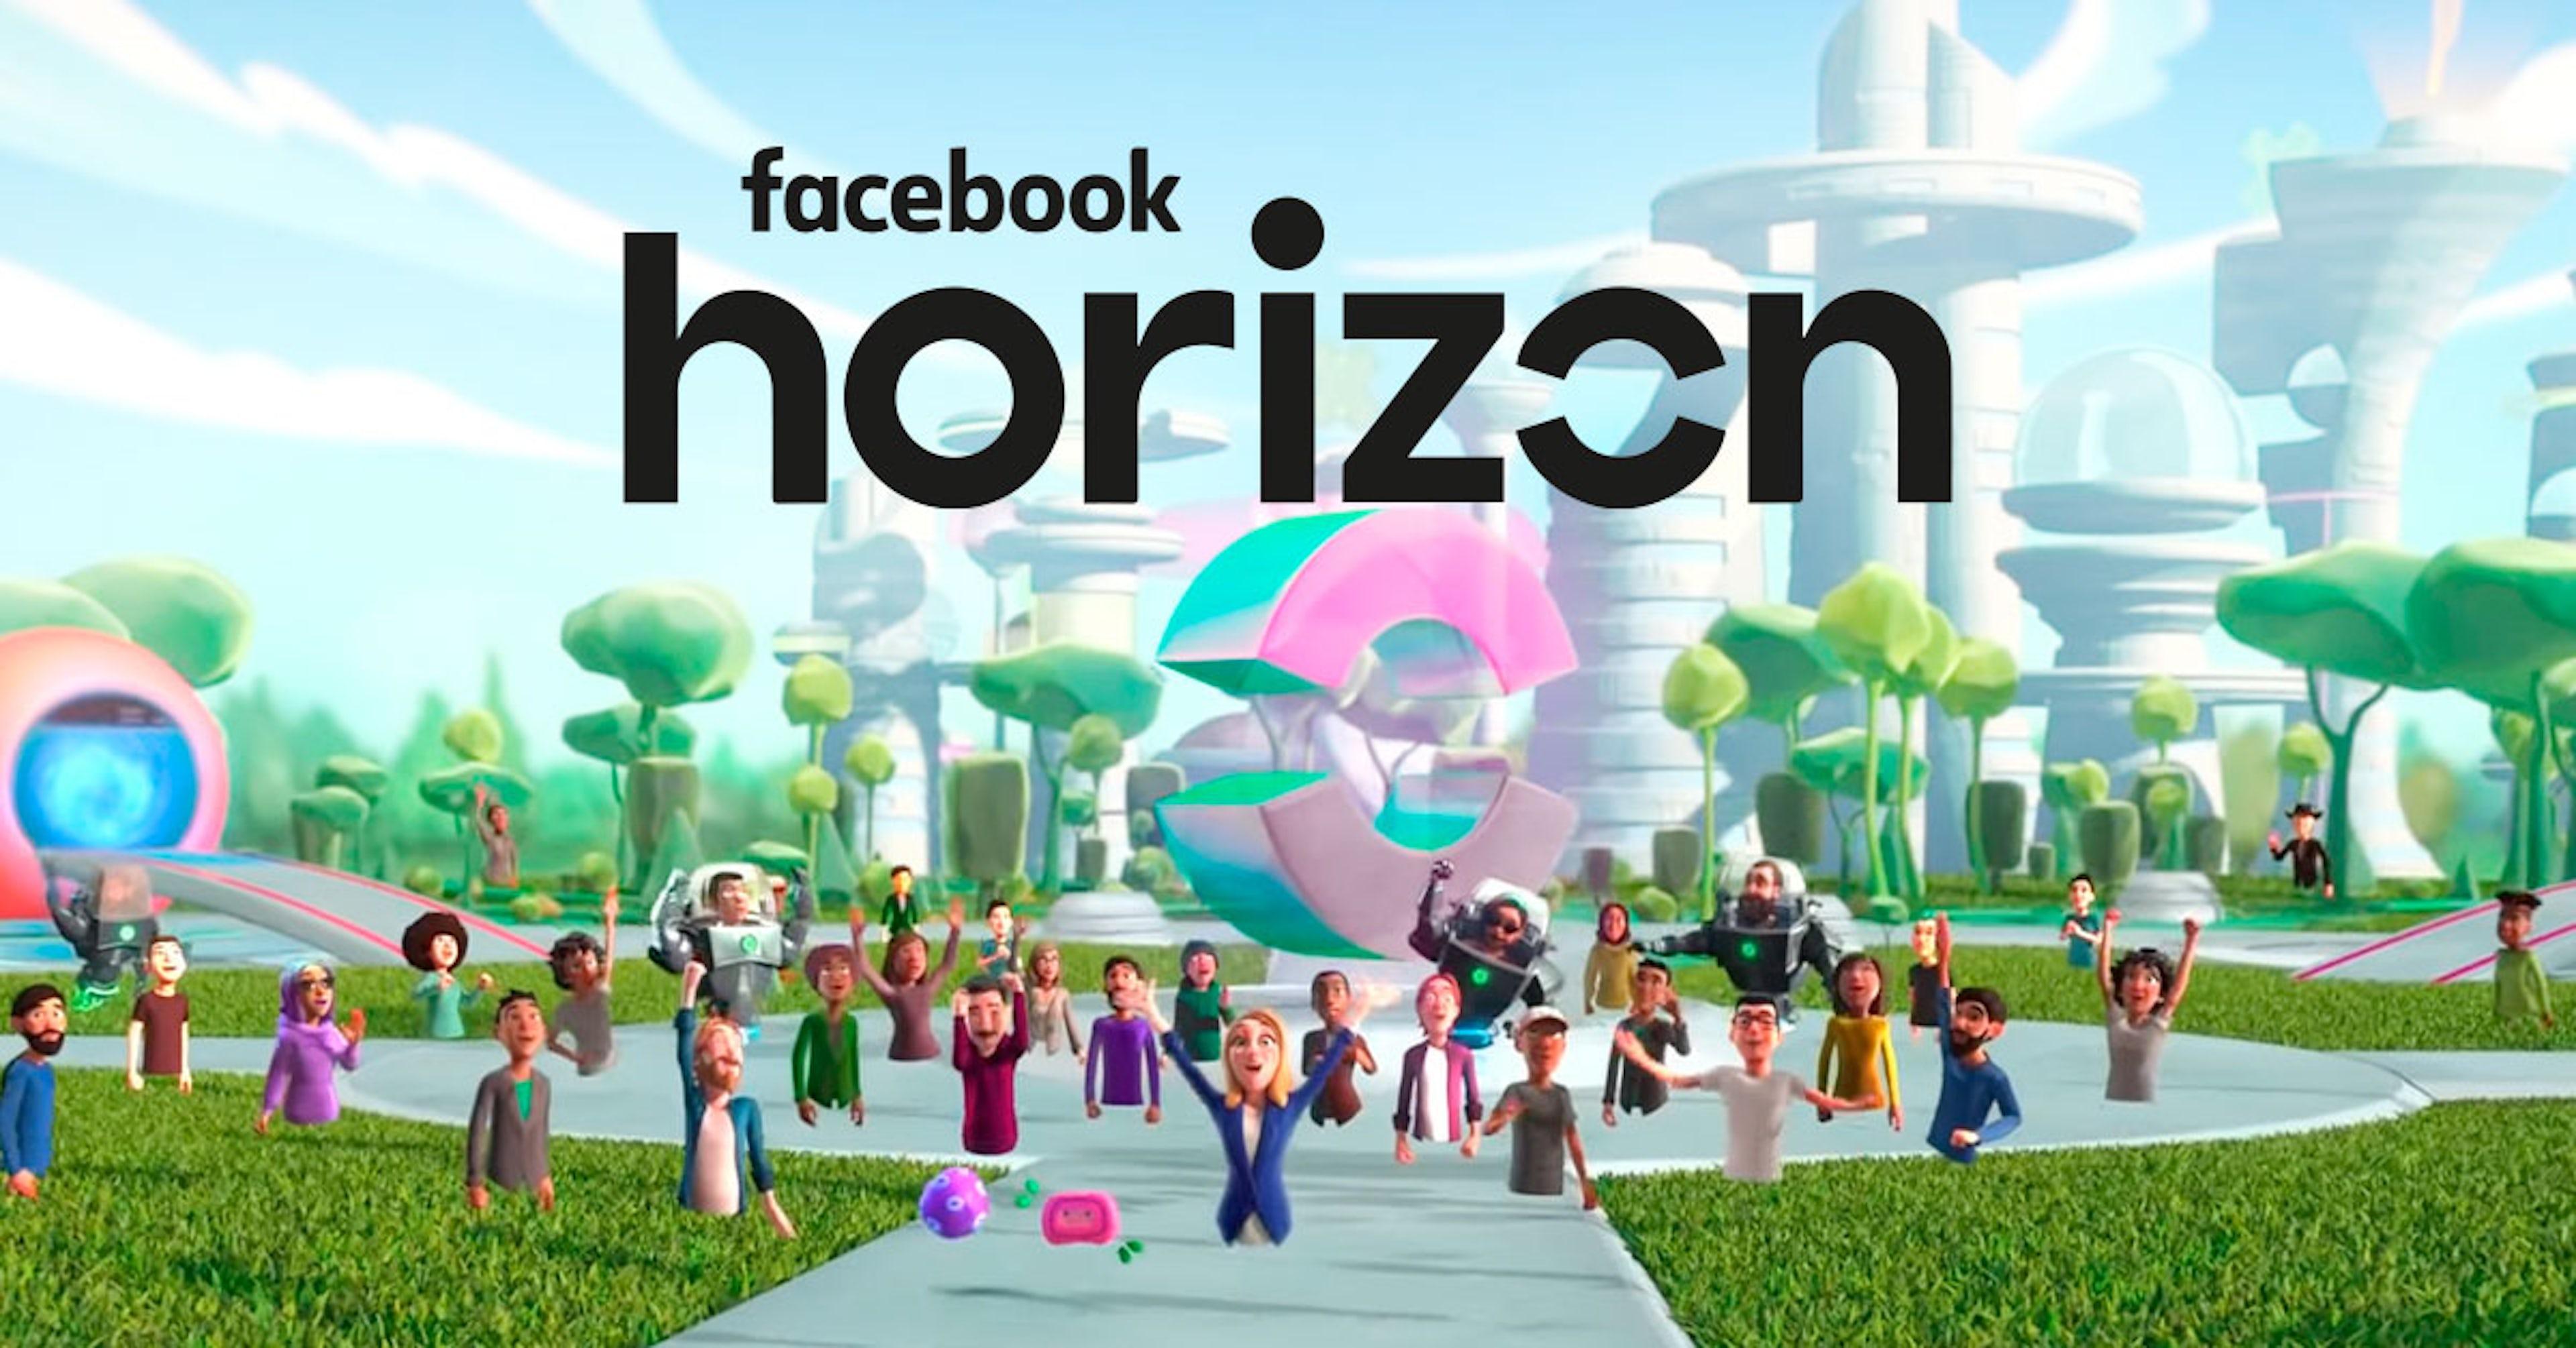 Ya existe un universo virtual en Facebook. Se llama Facebook Horizon, conócelo aquí